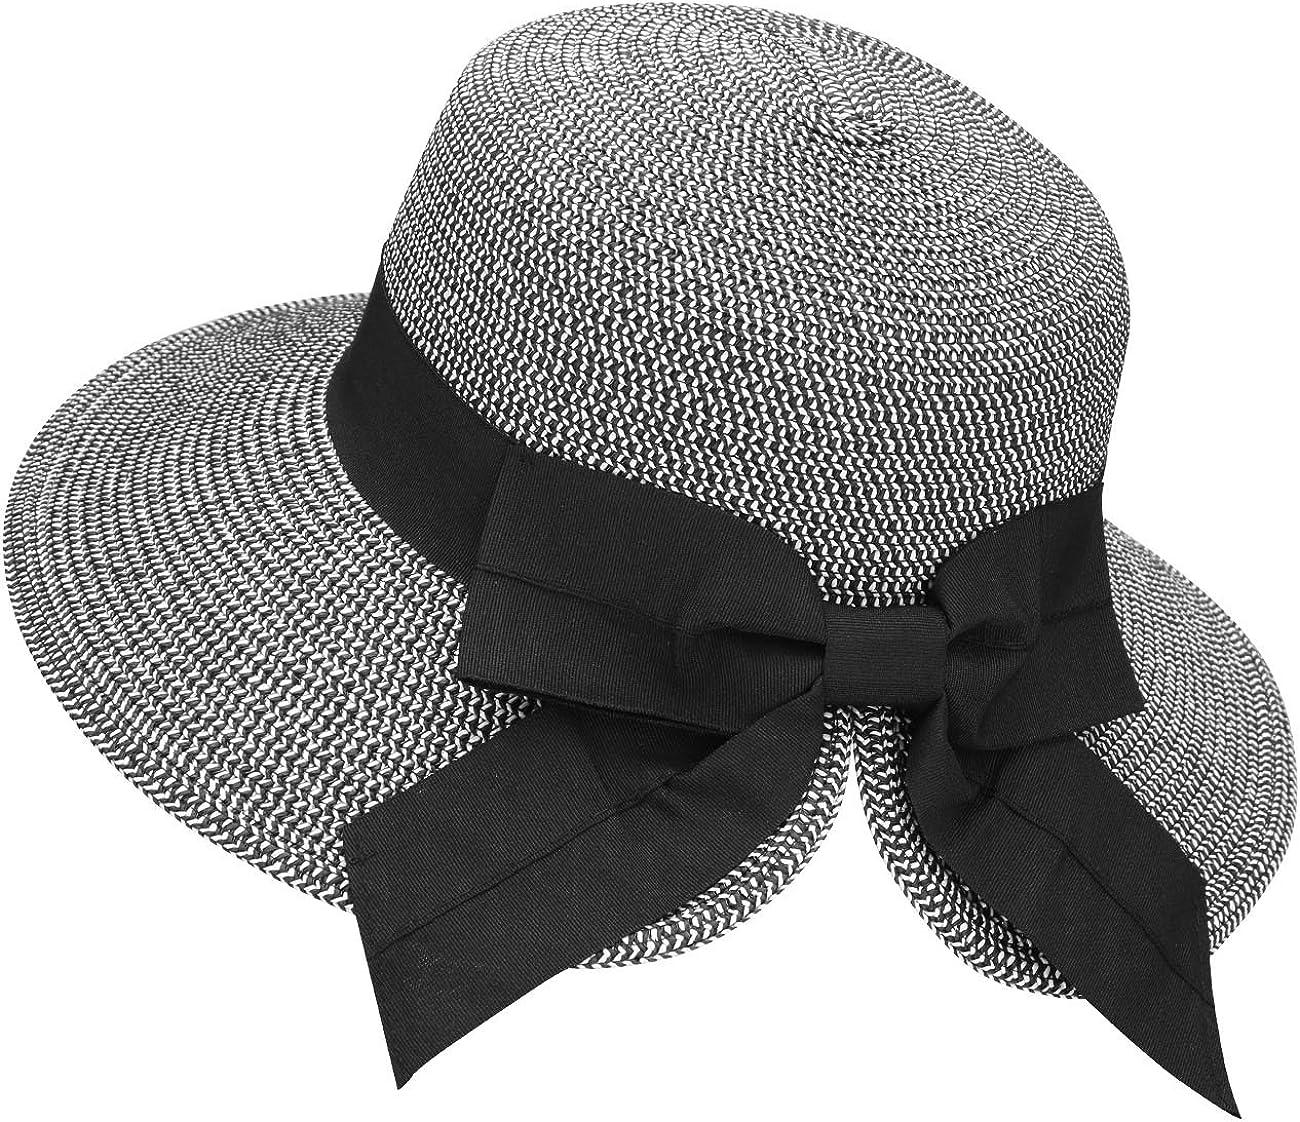 Verabella Sun Hats for Women UPF 50+ Women's Lightweight Foldable/Packable Beach Sun Hat